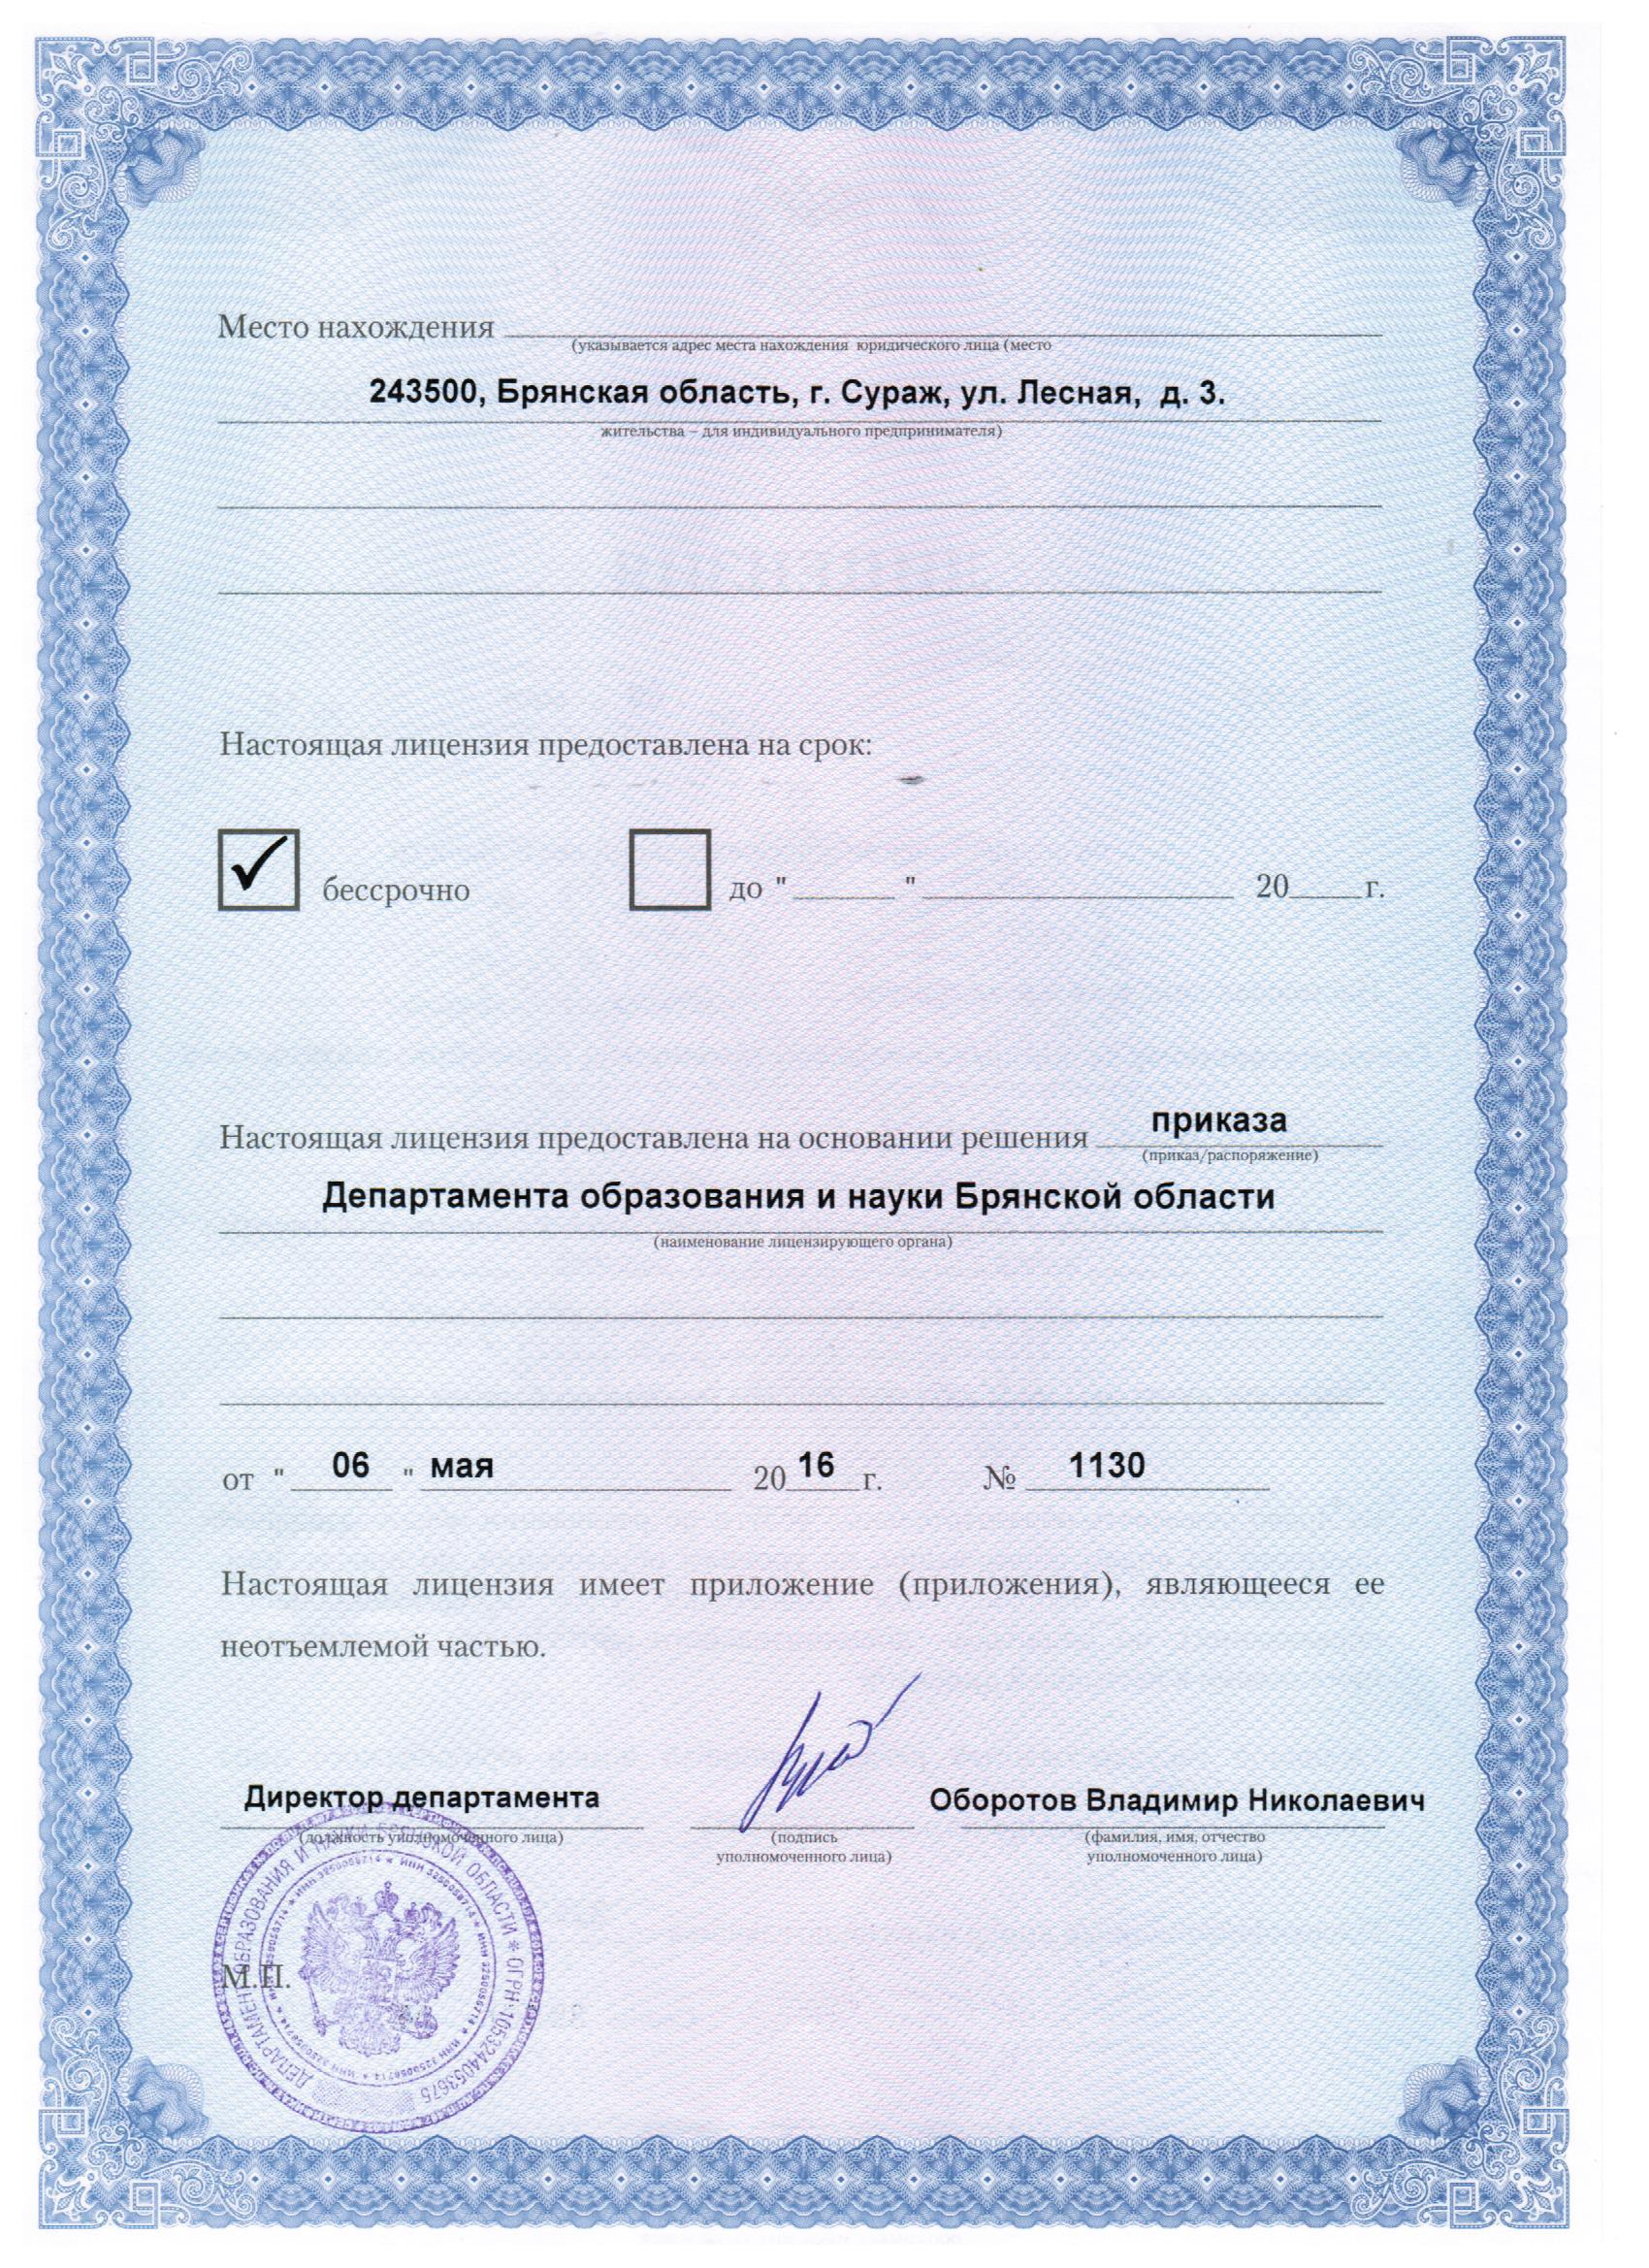 лицензия продолжение